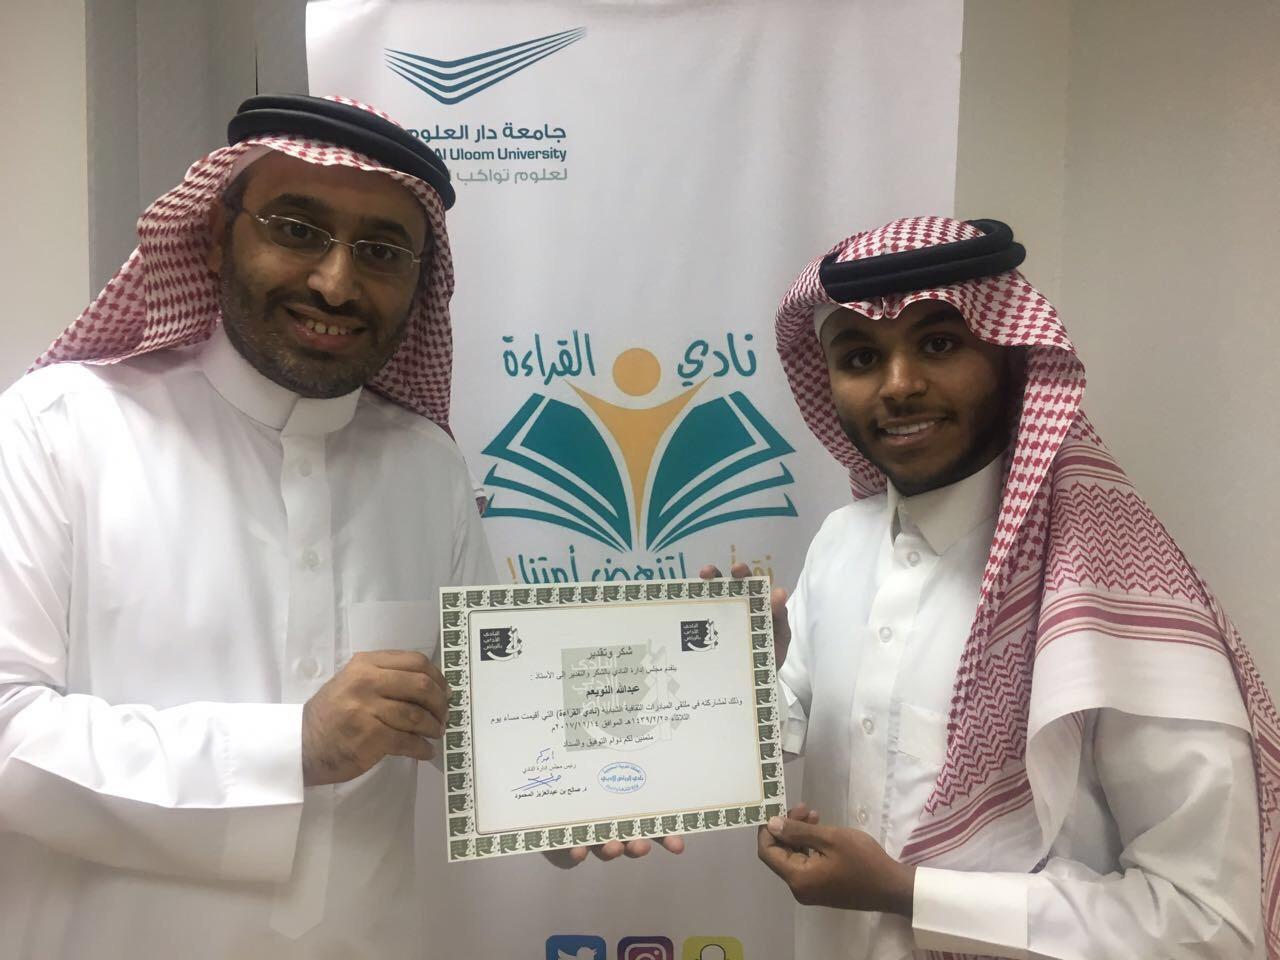 نادي القراءة يشارك في الملتقى الأول للمبادرات الثقافية للشباب